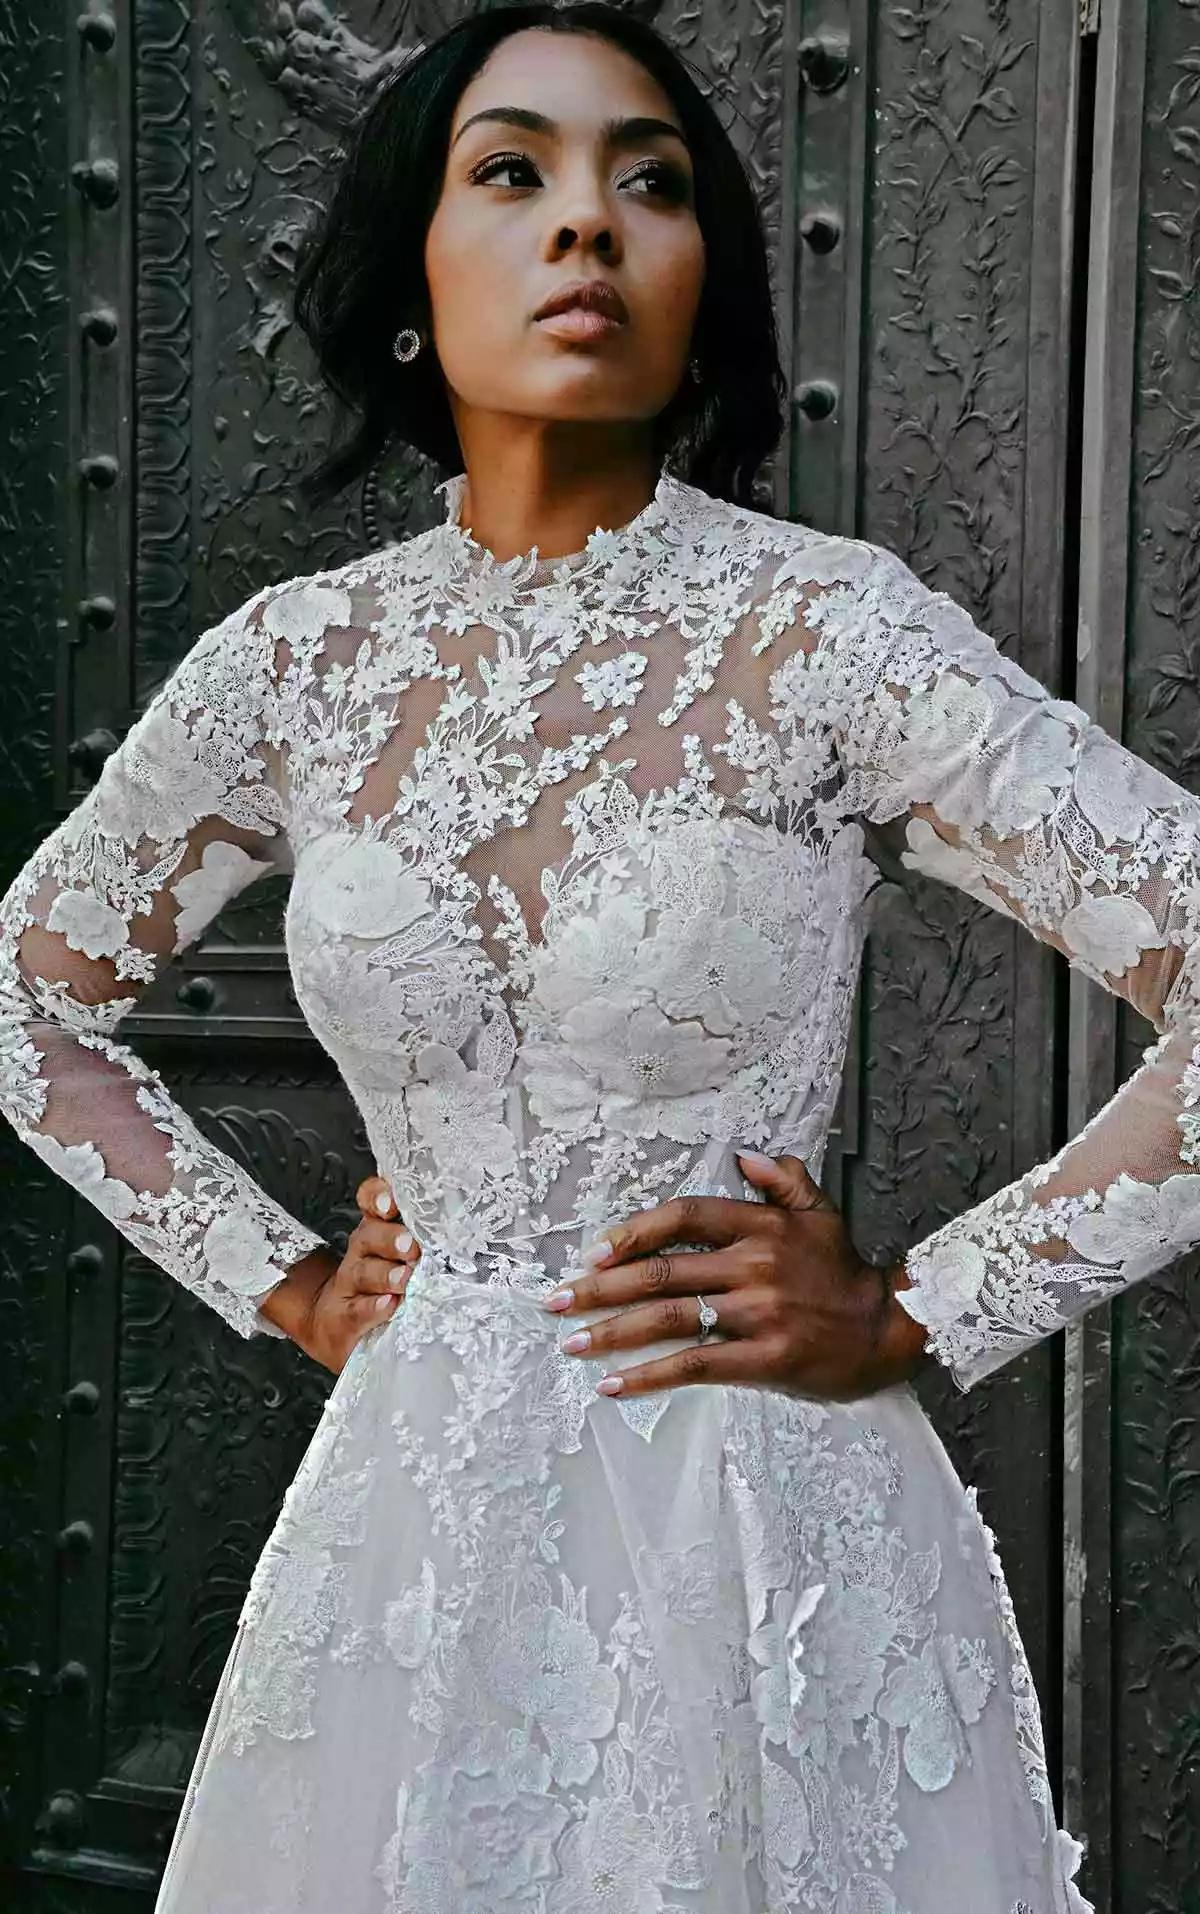 t2MJcBkGHRo - 21 романтическое платье для невесты в 2021 свадебном сезоне